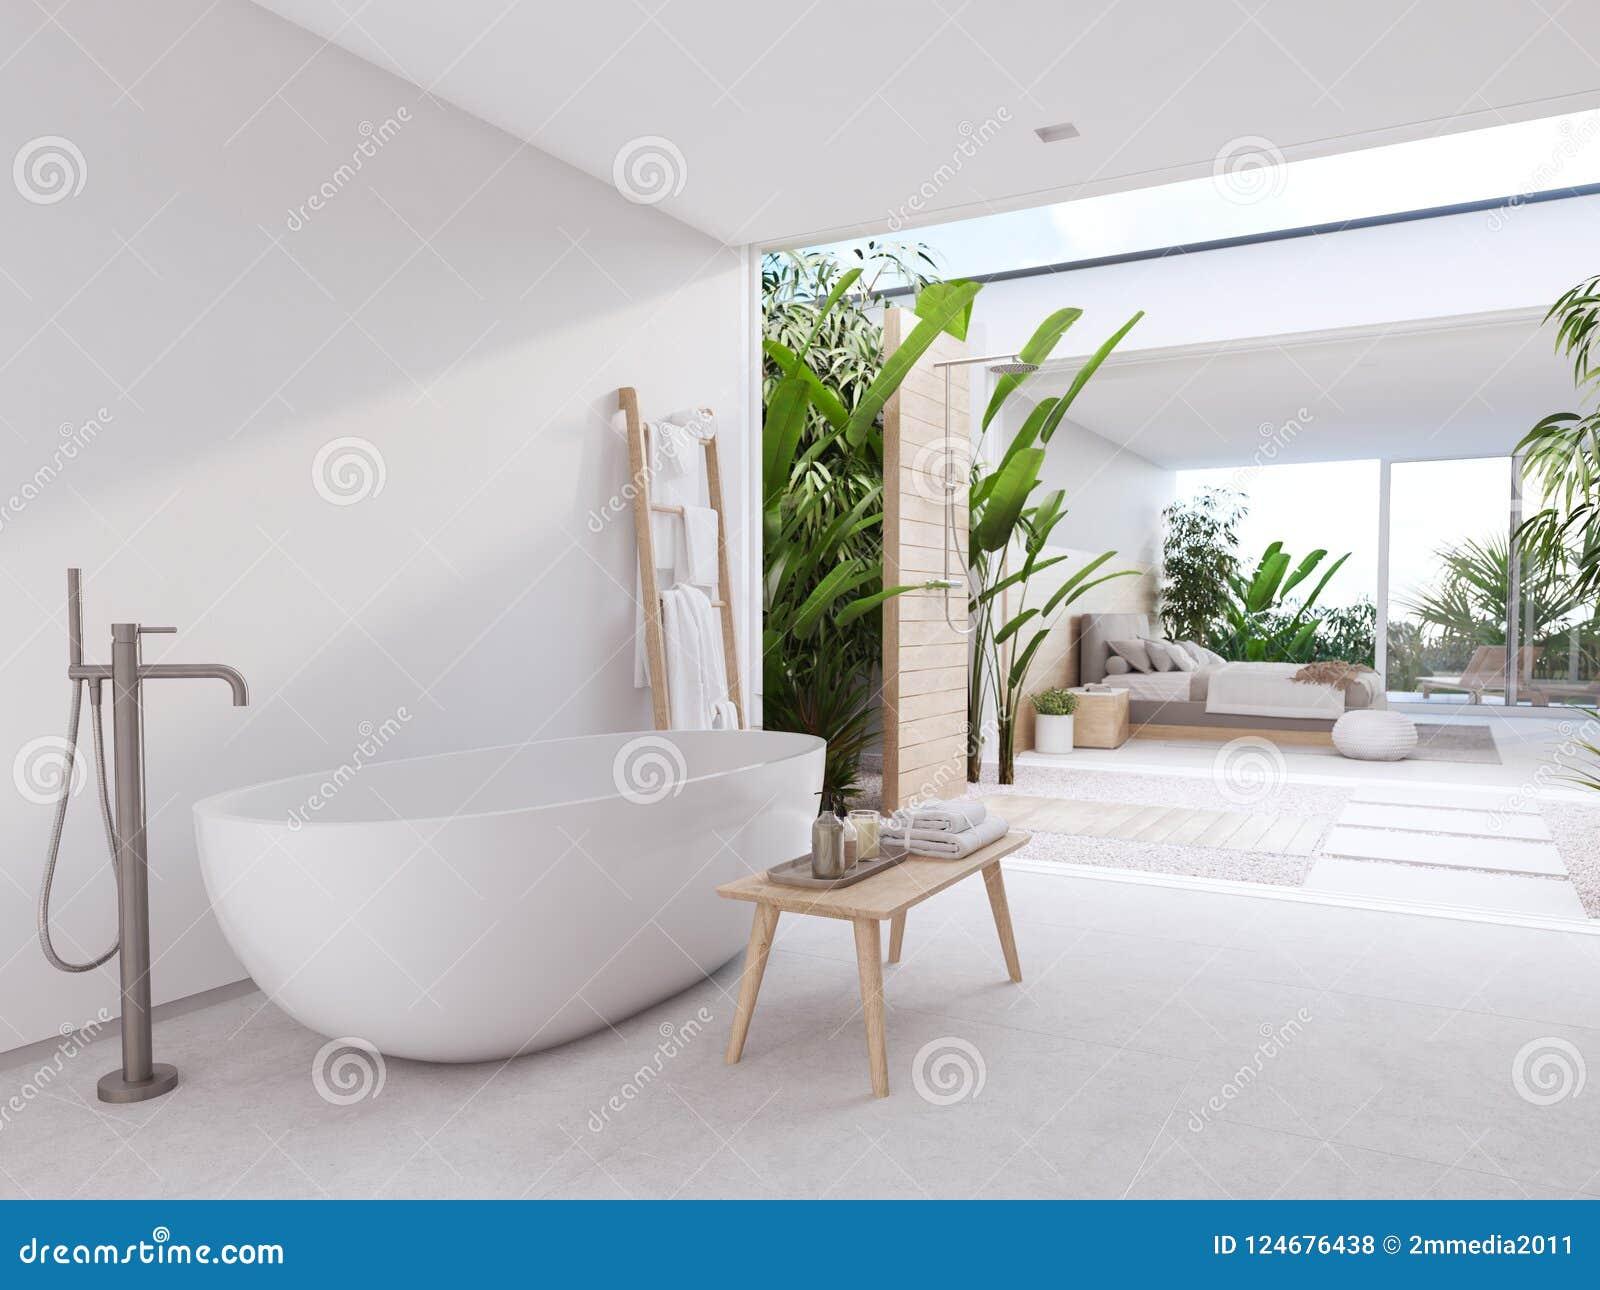 New Modern Zen Bathroom With Tropic Plants. 3d Rendering Stock ...